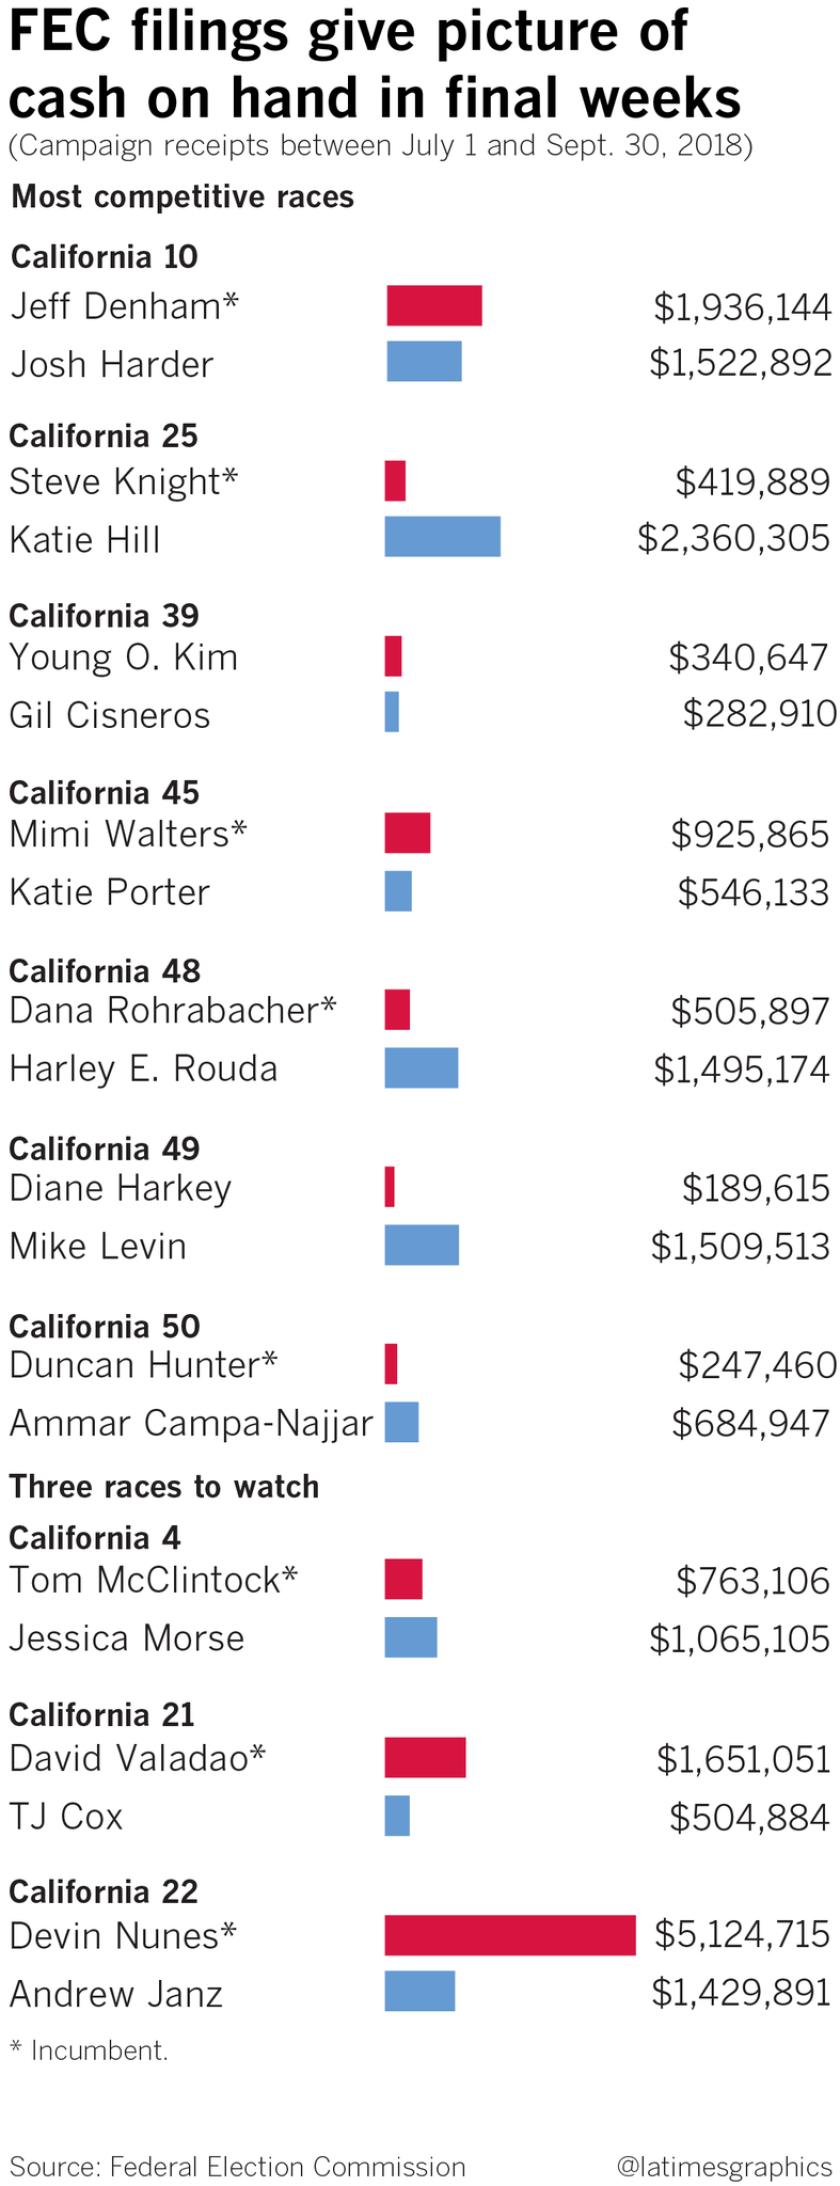 la-pol-ca-222california-republicans-fec-spending-20181016